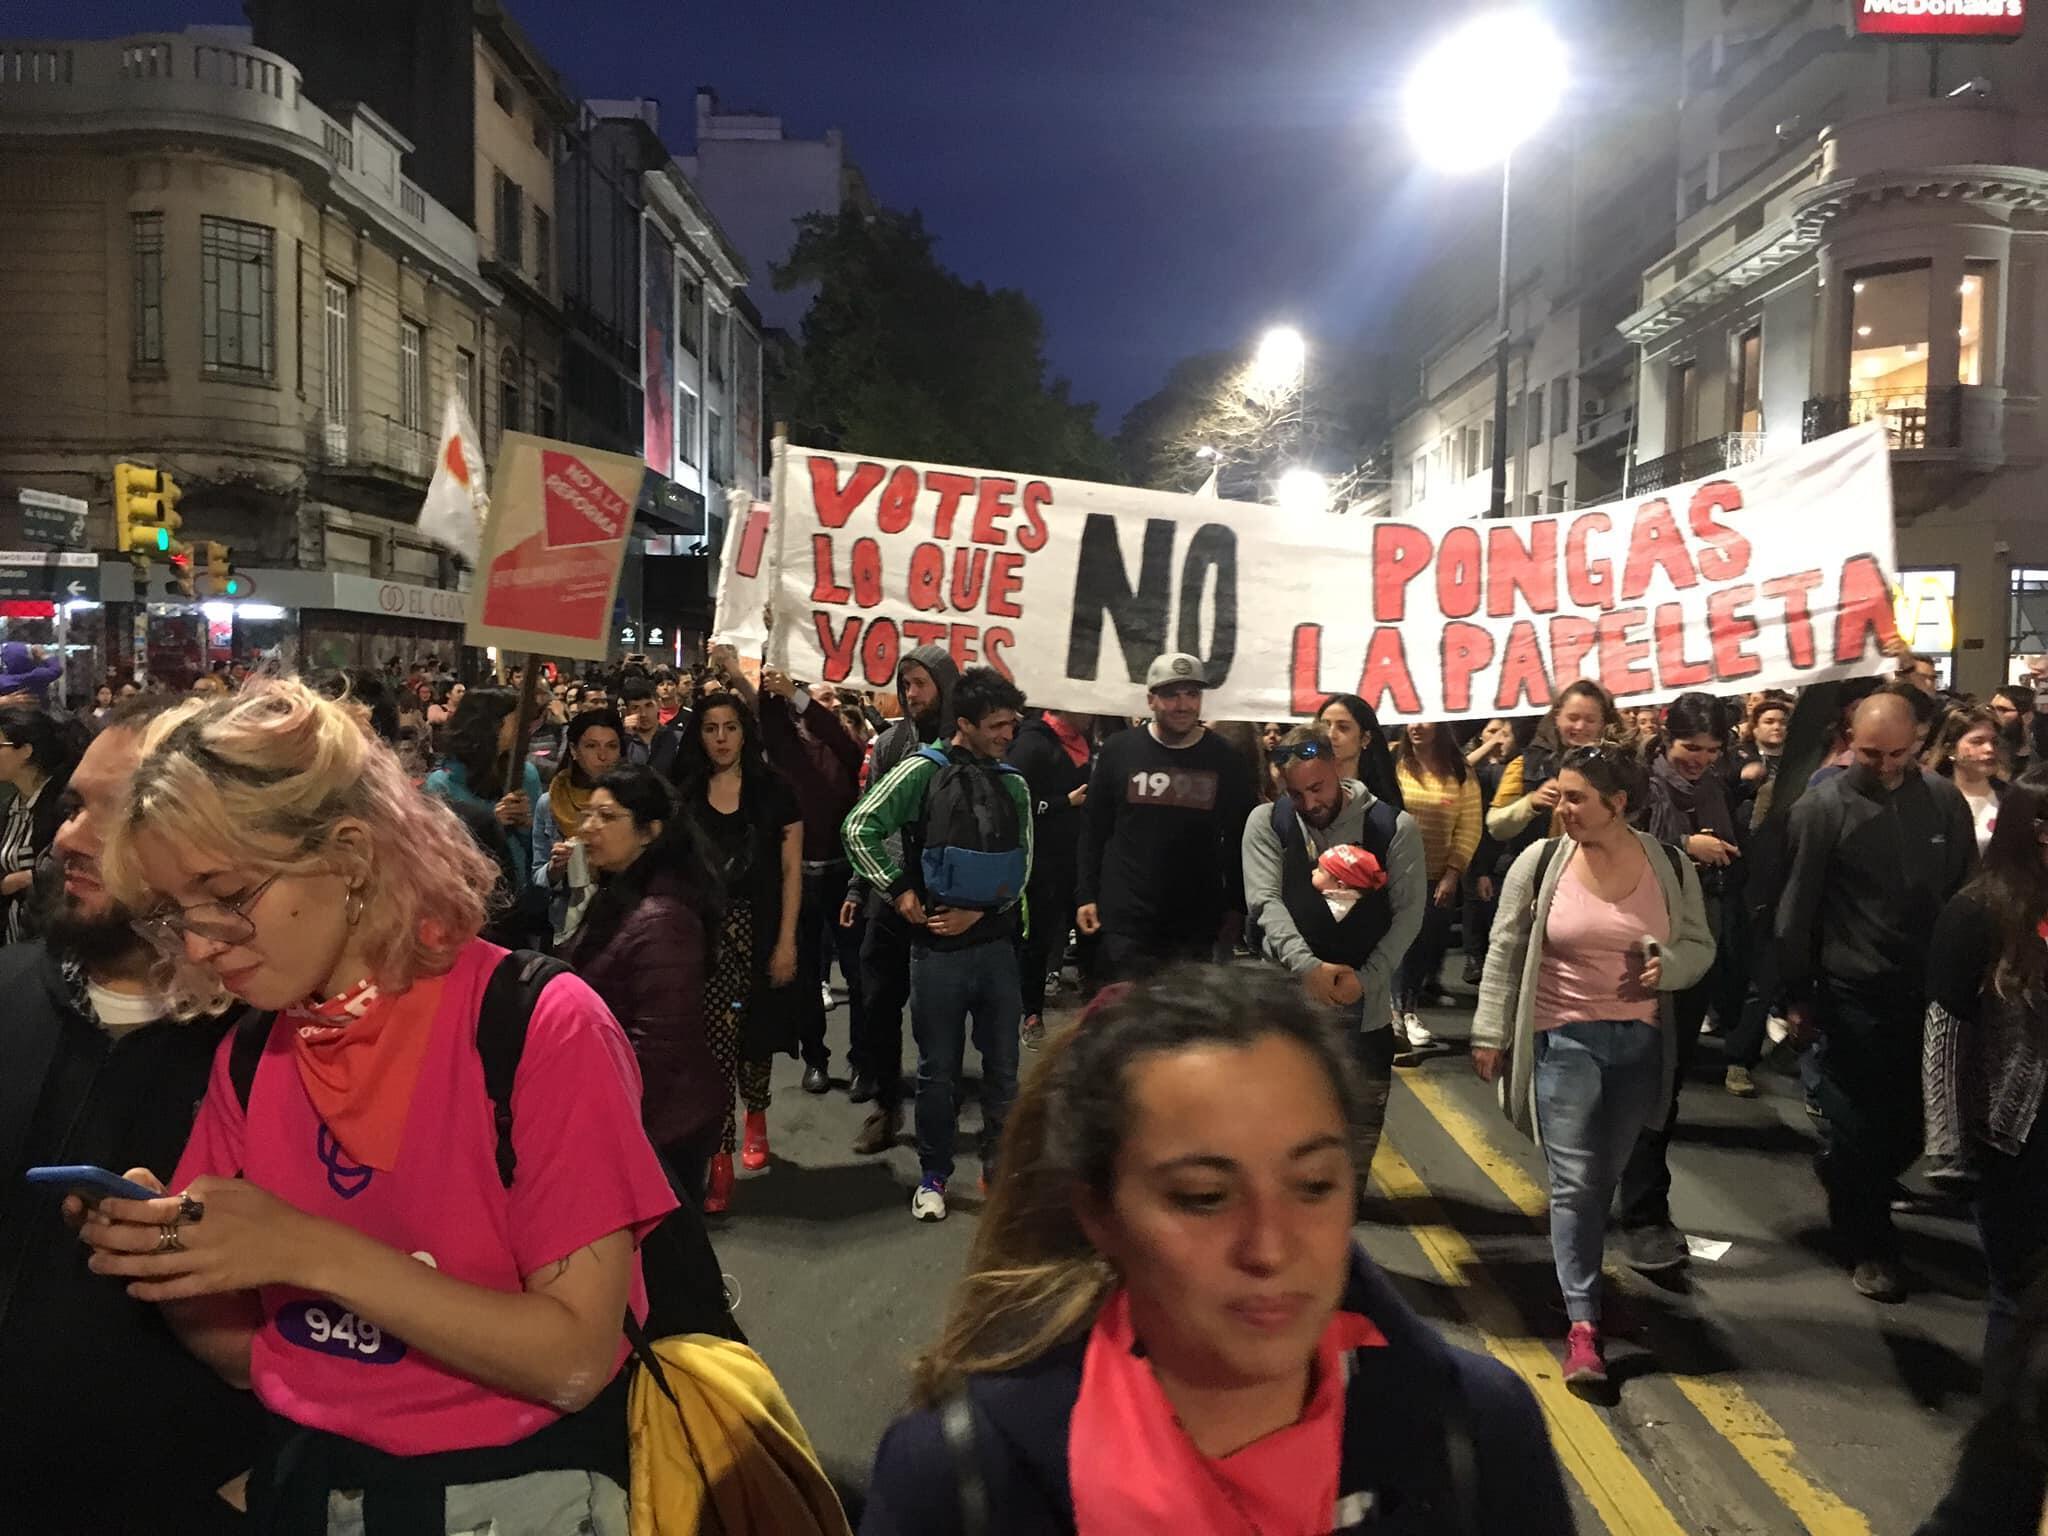 """Para los detractores de la reforma, """"la acción es no poner una papeleta"""", dijo Daniela Buquet, vocera de la articulación """"No a la reforma""""."""